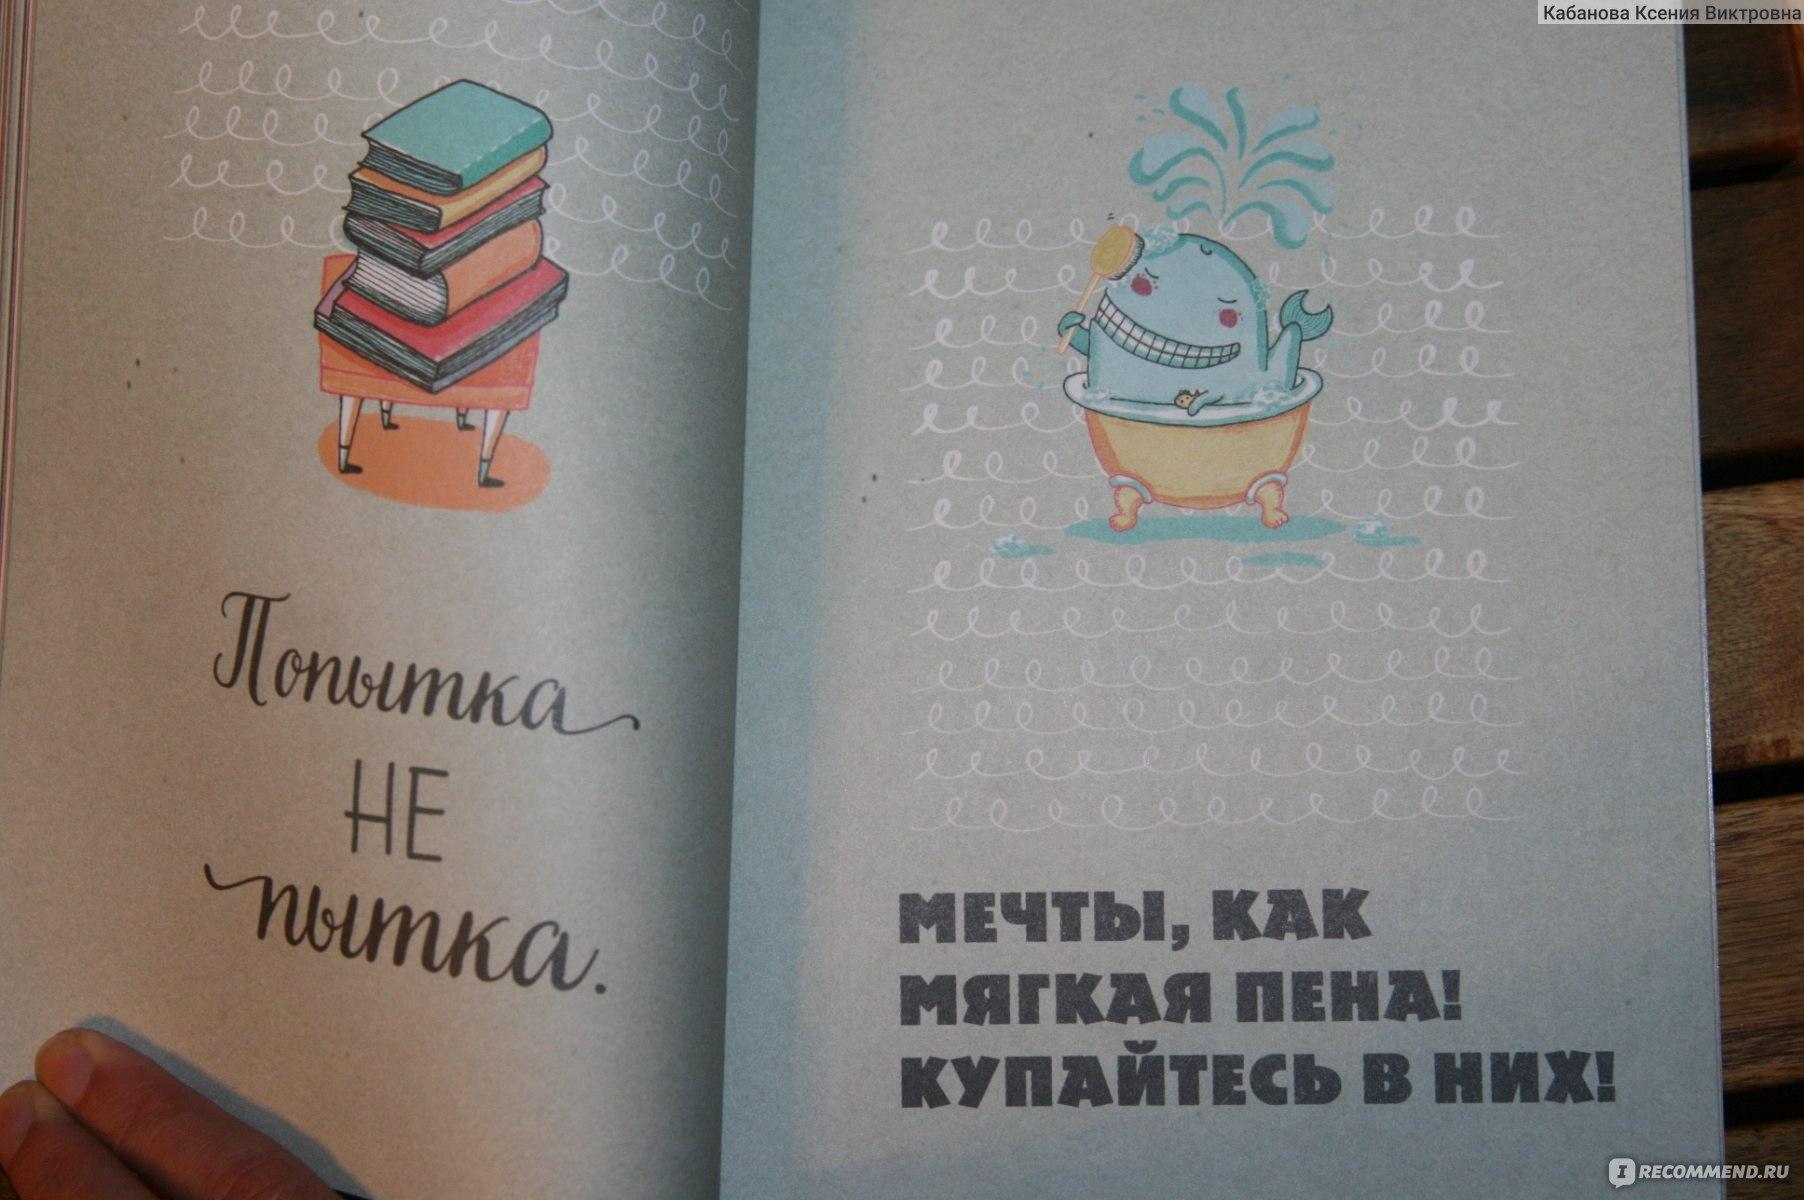 Счастье есть книга с открытками и наклейками, анимации дню